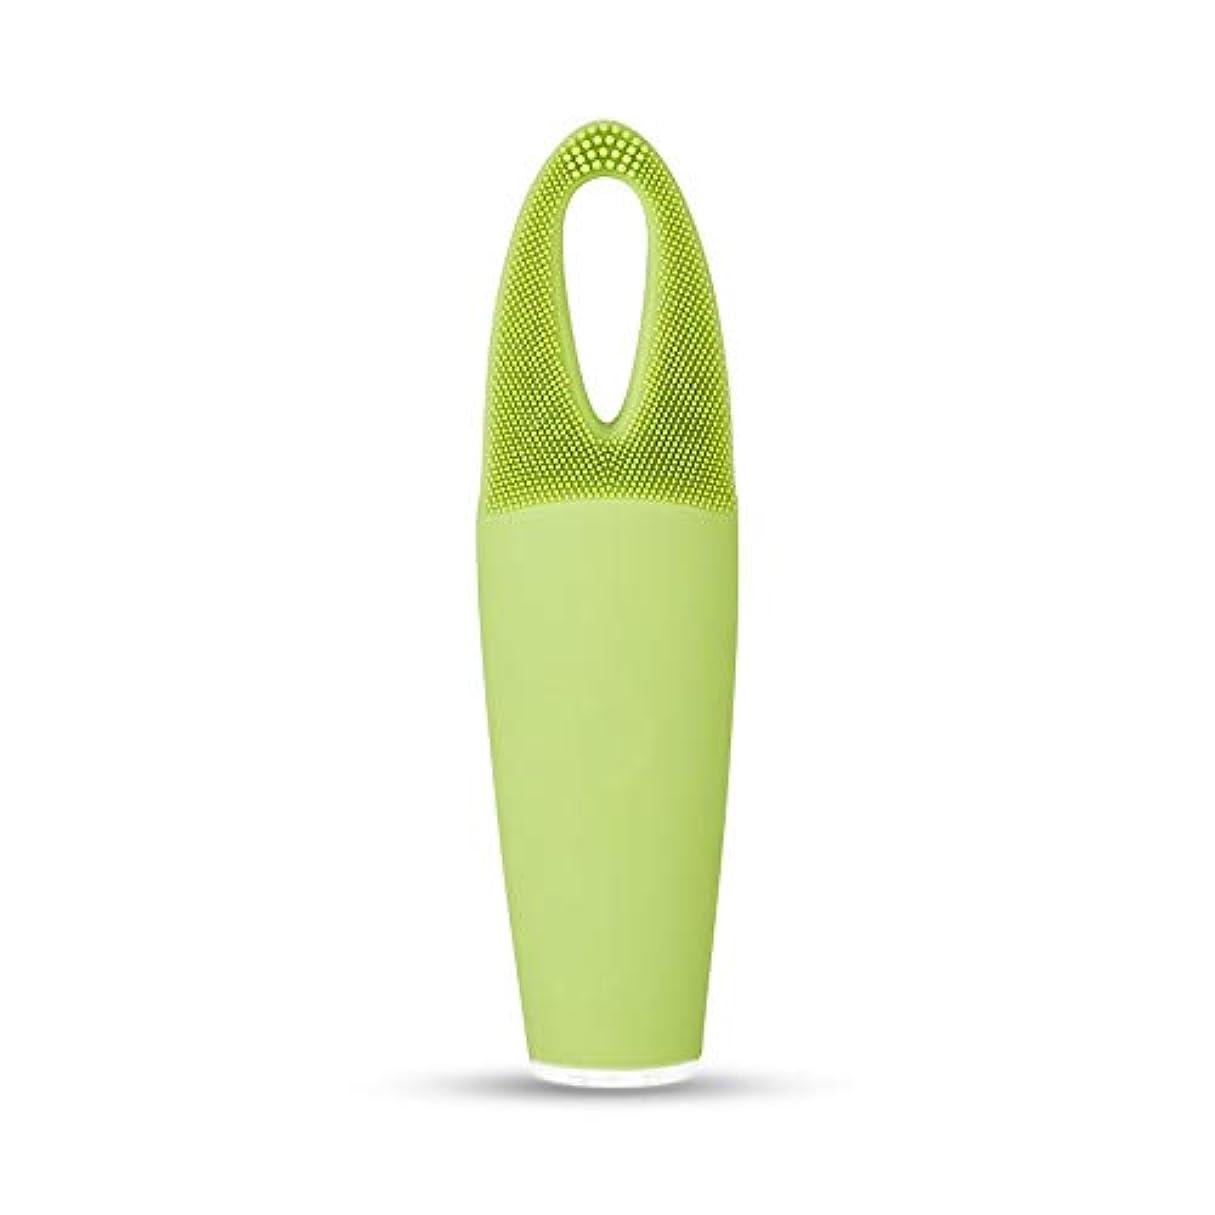 いいね古風な丁寧ZXF 電気防水両面クレンジングブラシ超音波振動シリコーンクレンジング楽器敏感な筋肉洗浄器具美容器具マッサージ器具 滑らかである